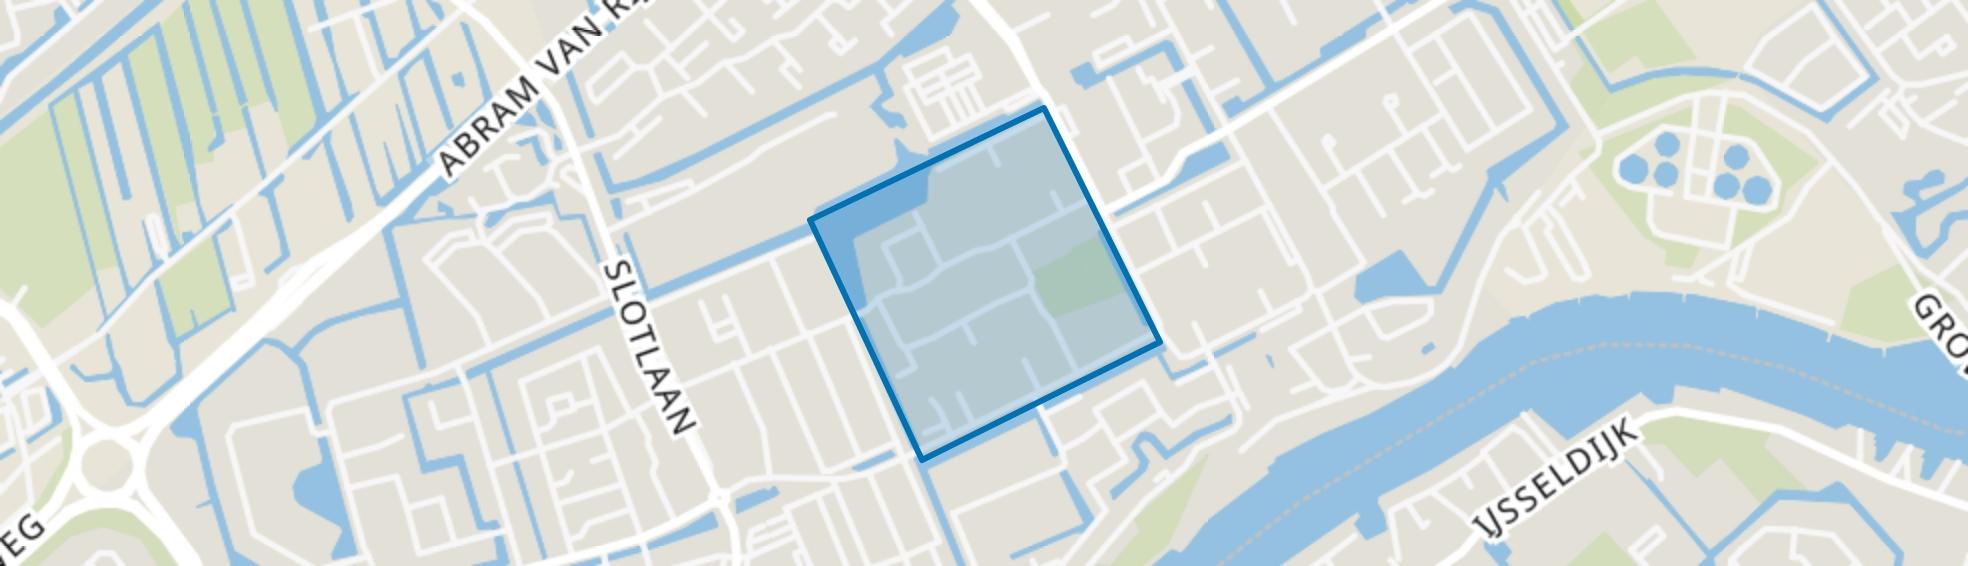 Meeuwenbuurt, Capelle aan den IJssel map